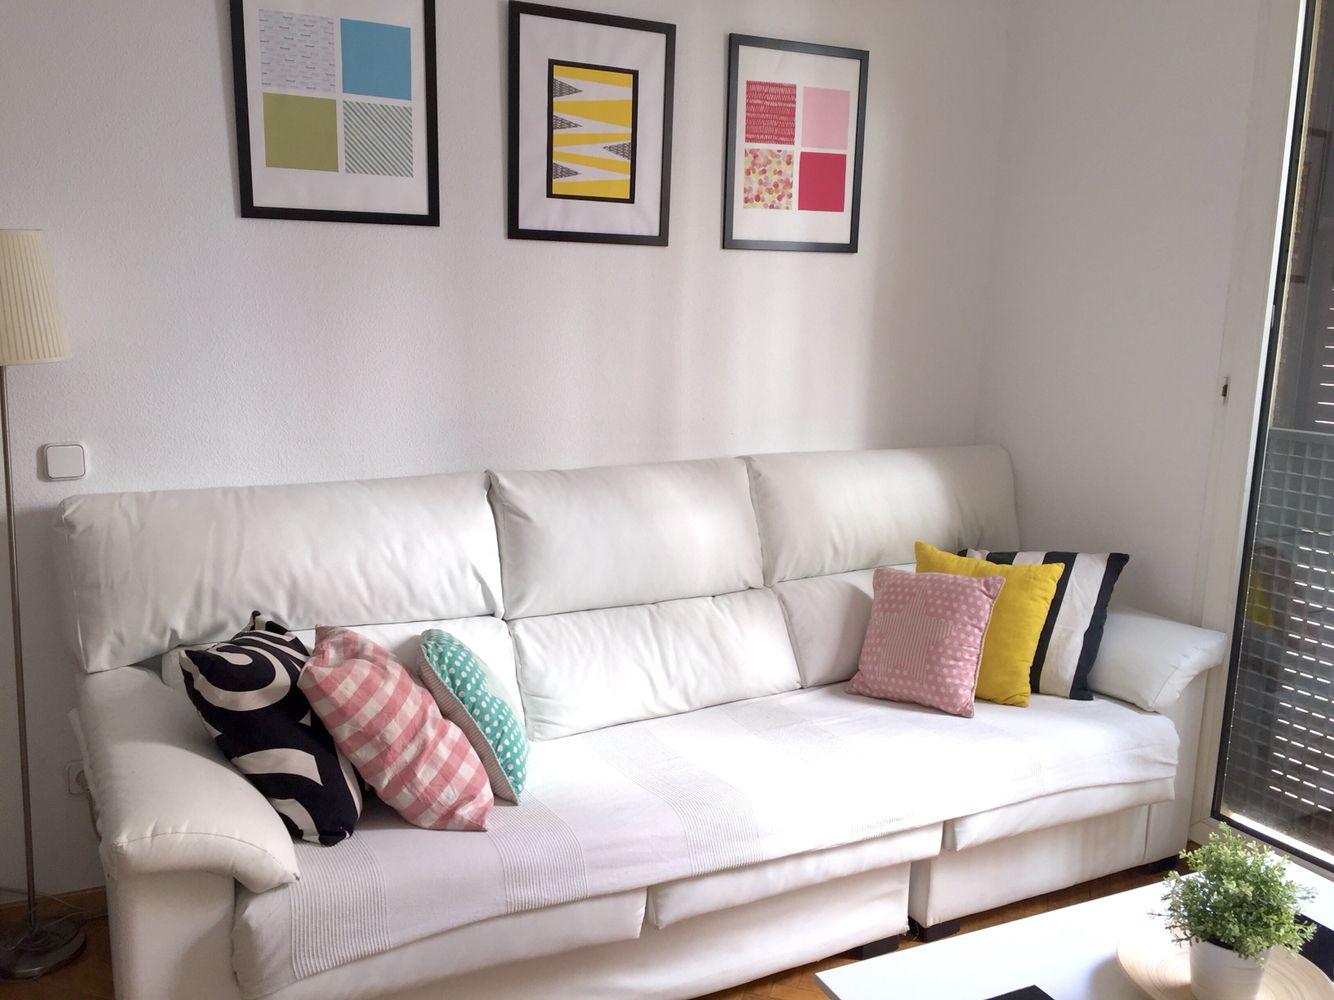 Sal n colorido sof blanco y cojines de colores cuadros - Cojines en ikea ...